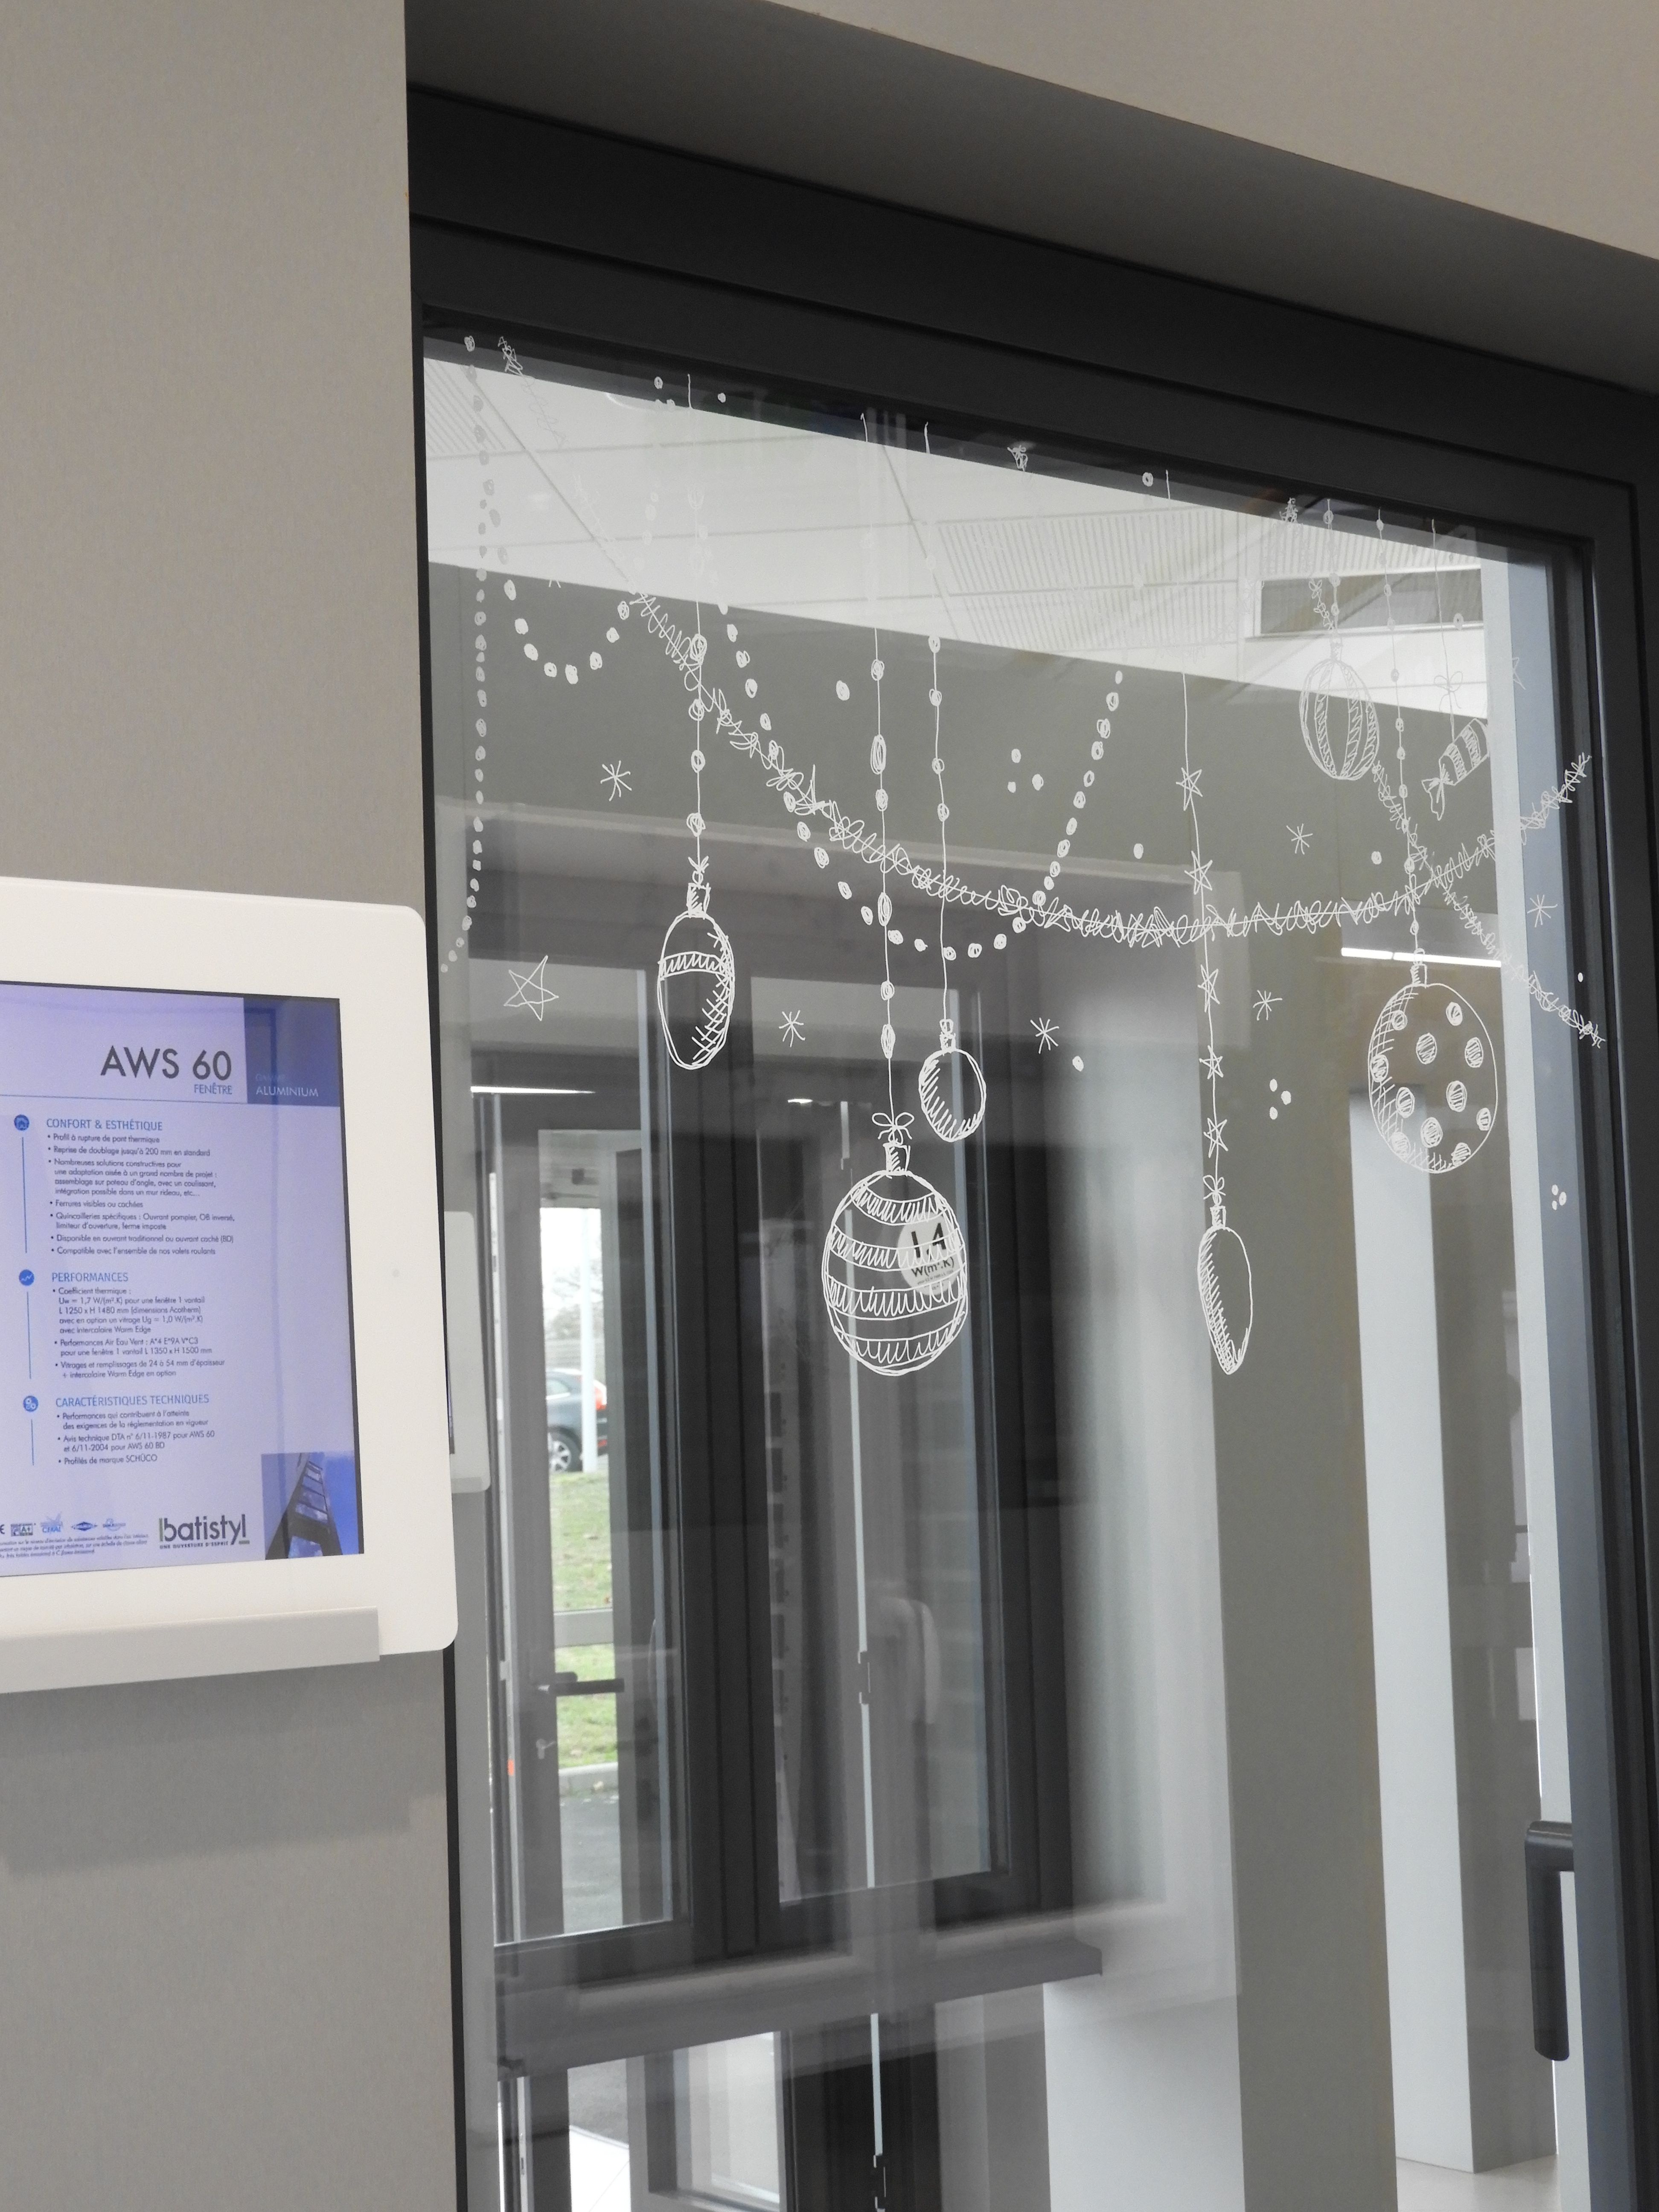 Fenetre Alu Noir Avis fenêtre gamme aws60 - showroom batistyl maulévrier